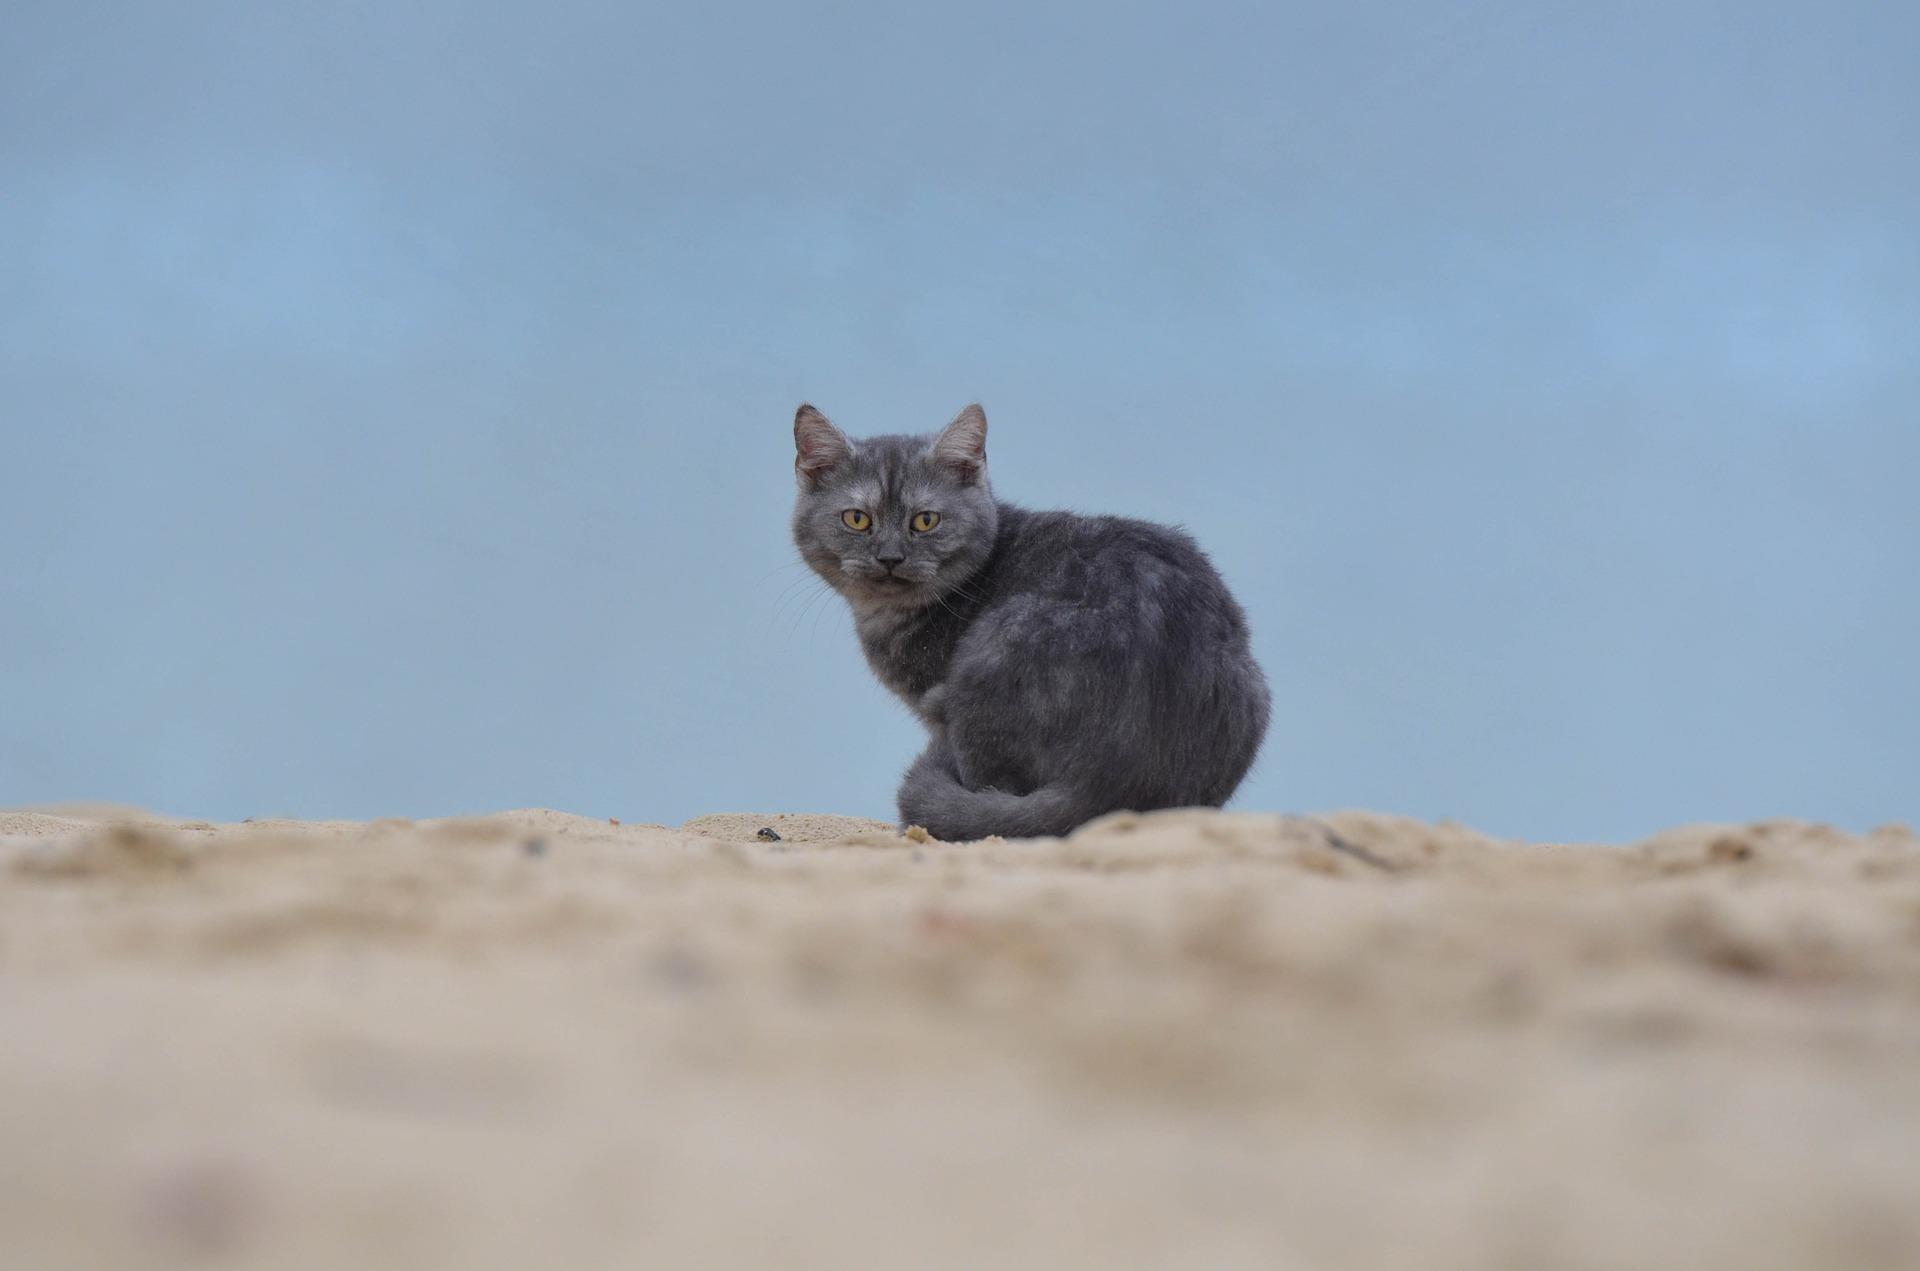 Кот из Нижнего Тагила занимается экстремальными путешествиями вместе с хозяином